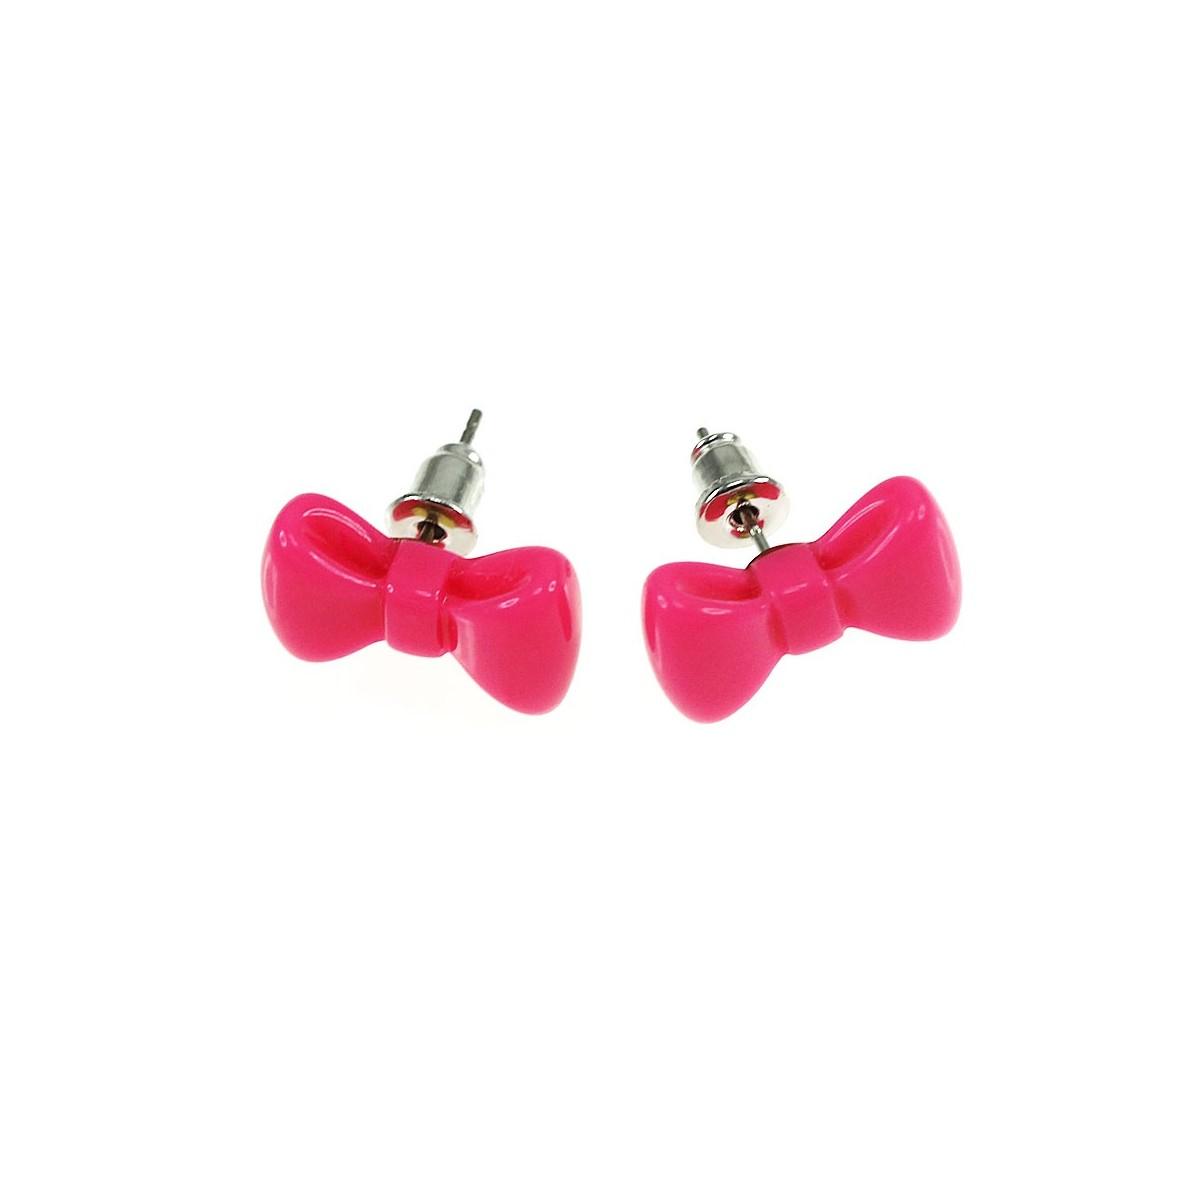 Boucles d'oreilles noeud papillon rose